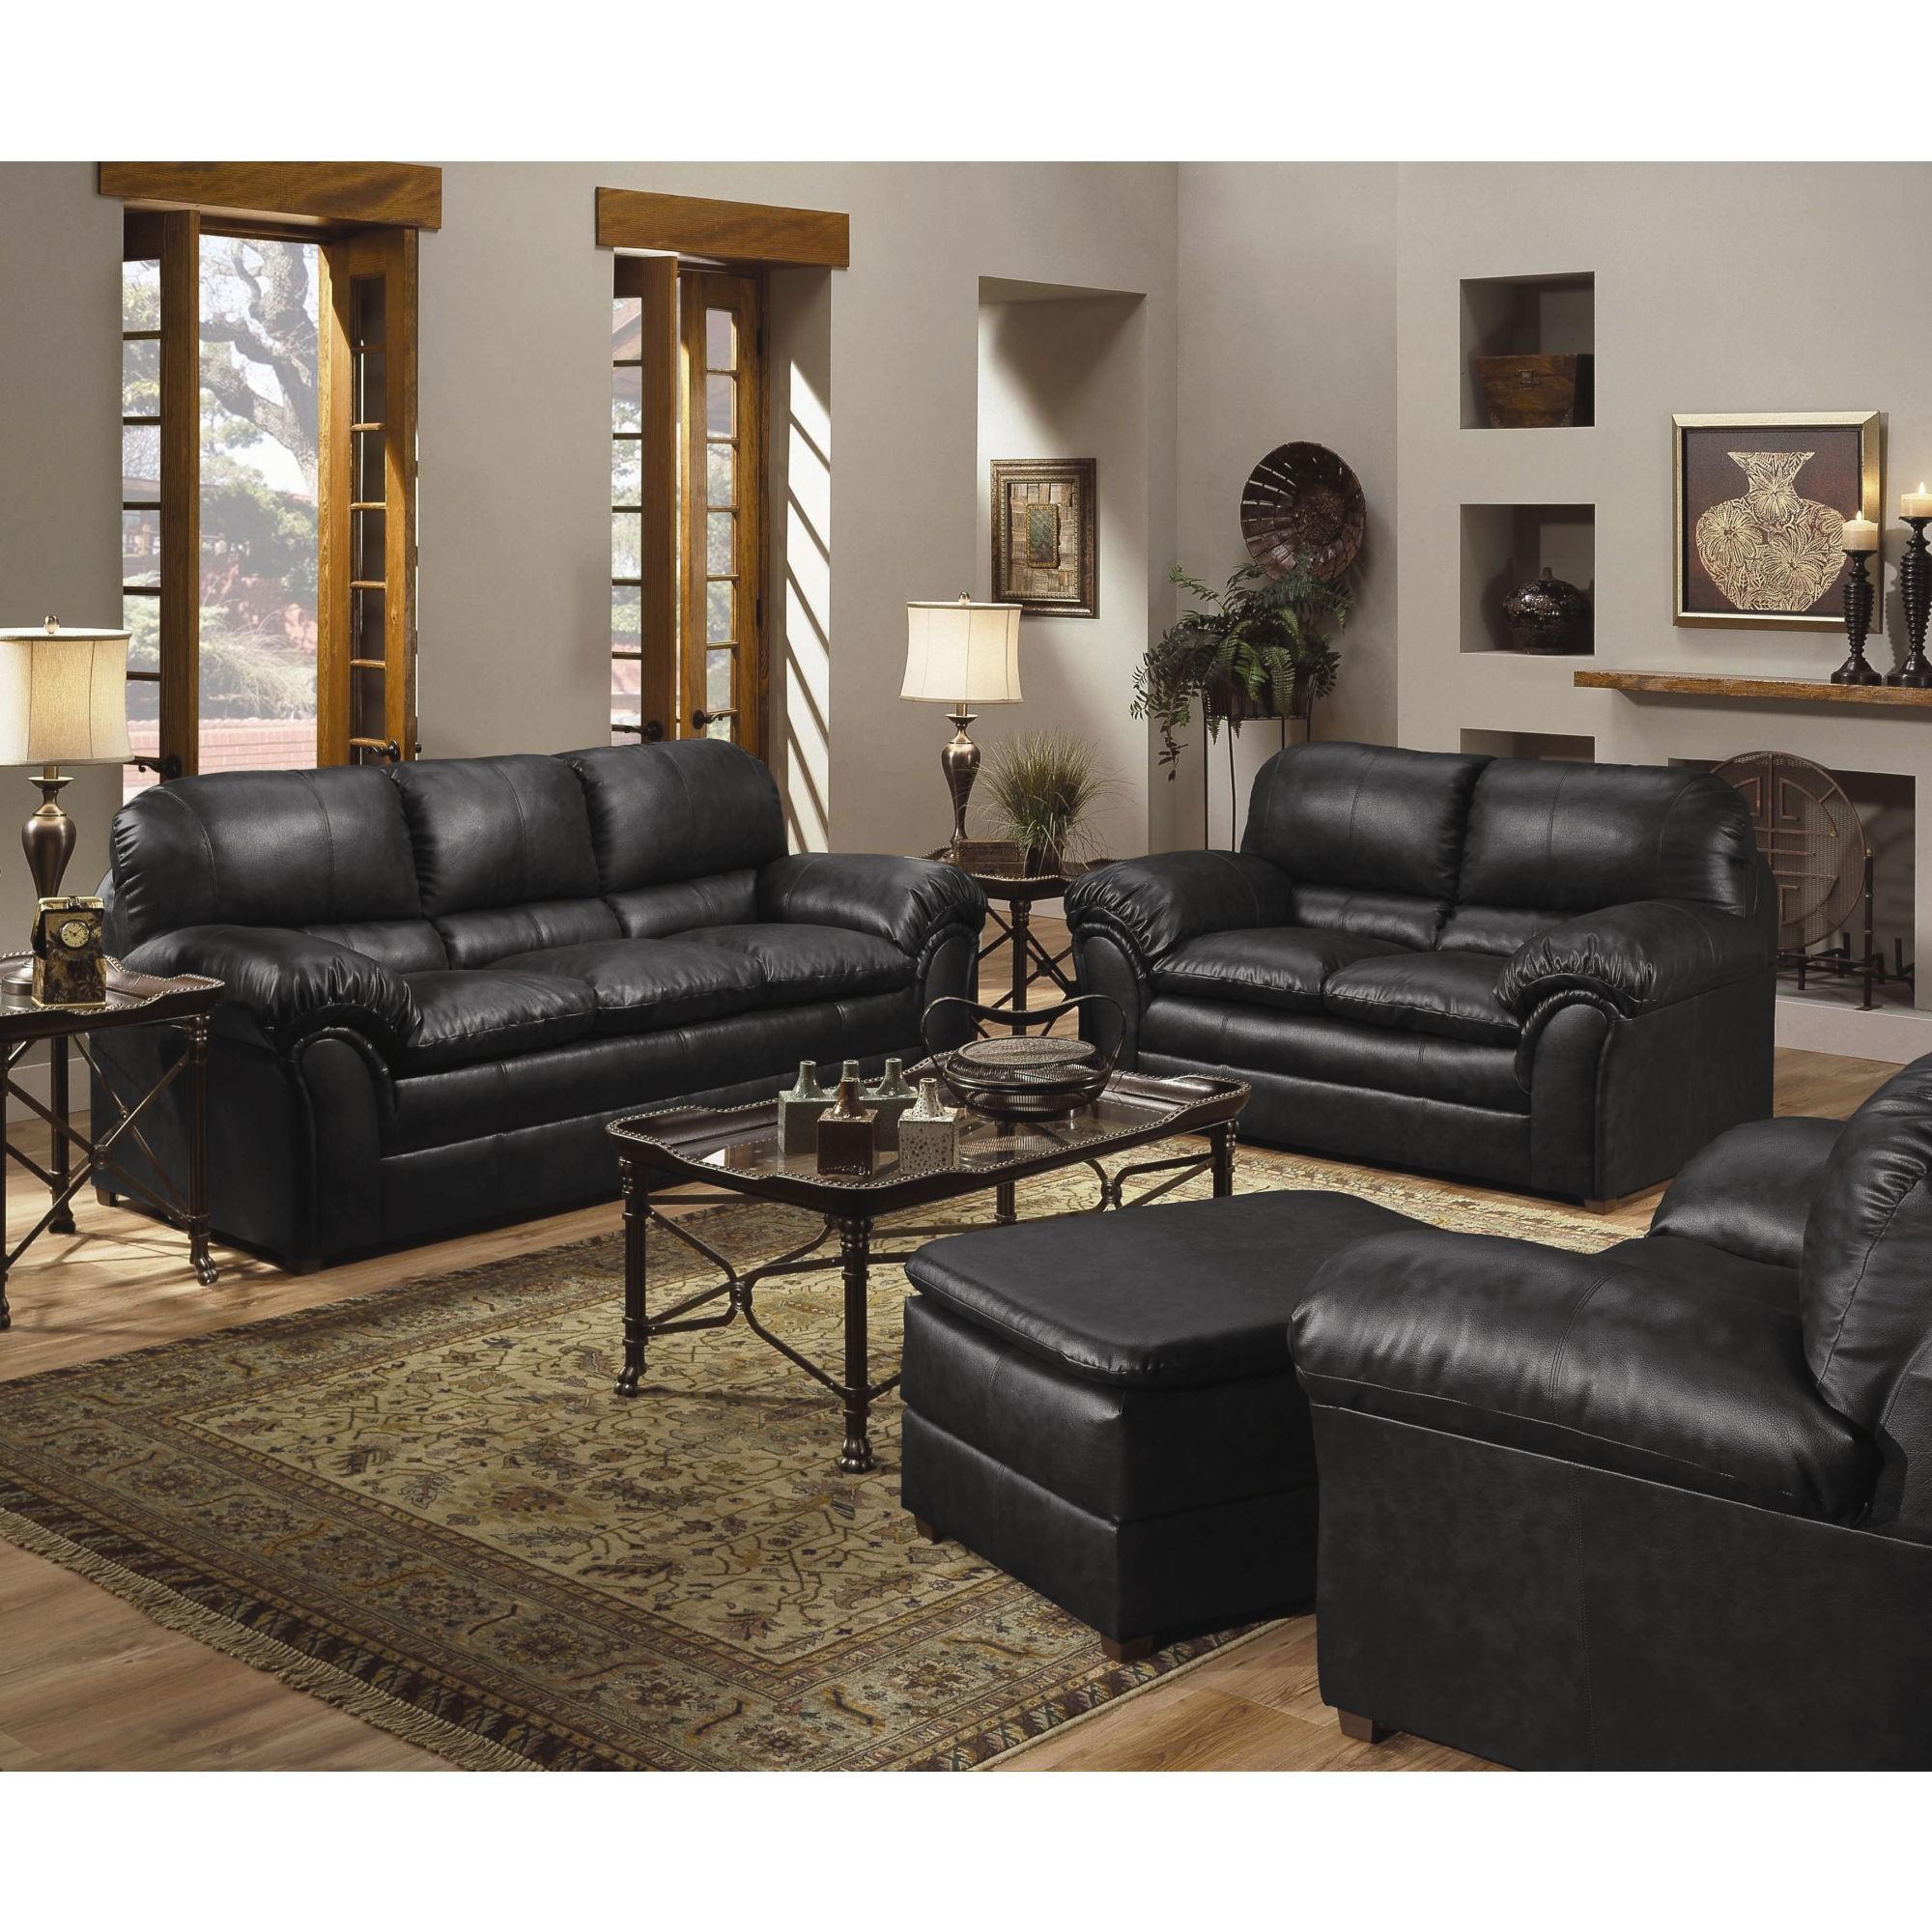 Best Price Furniture U0026 Mattress Online